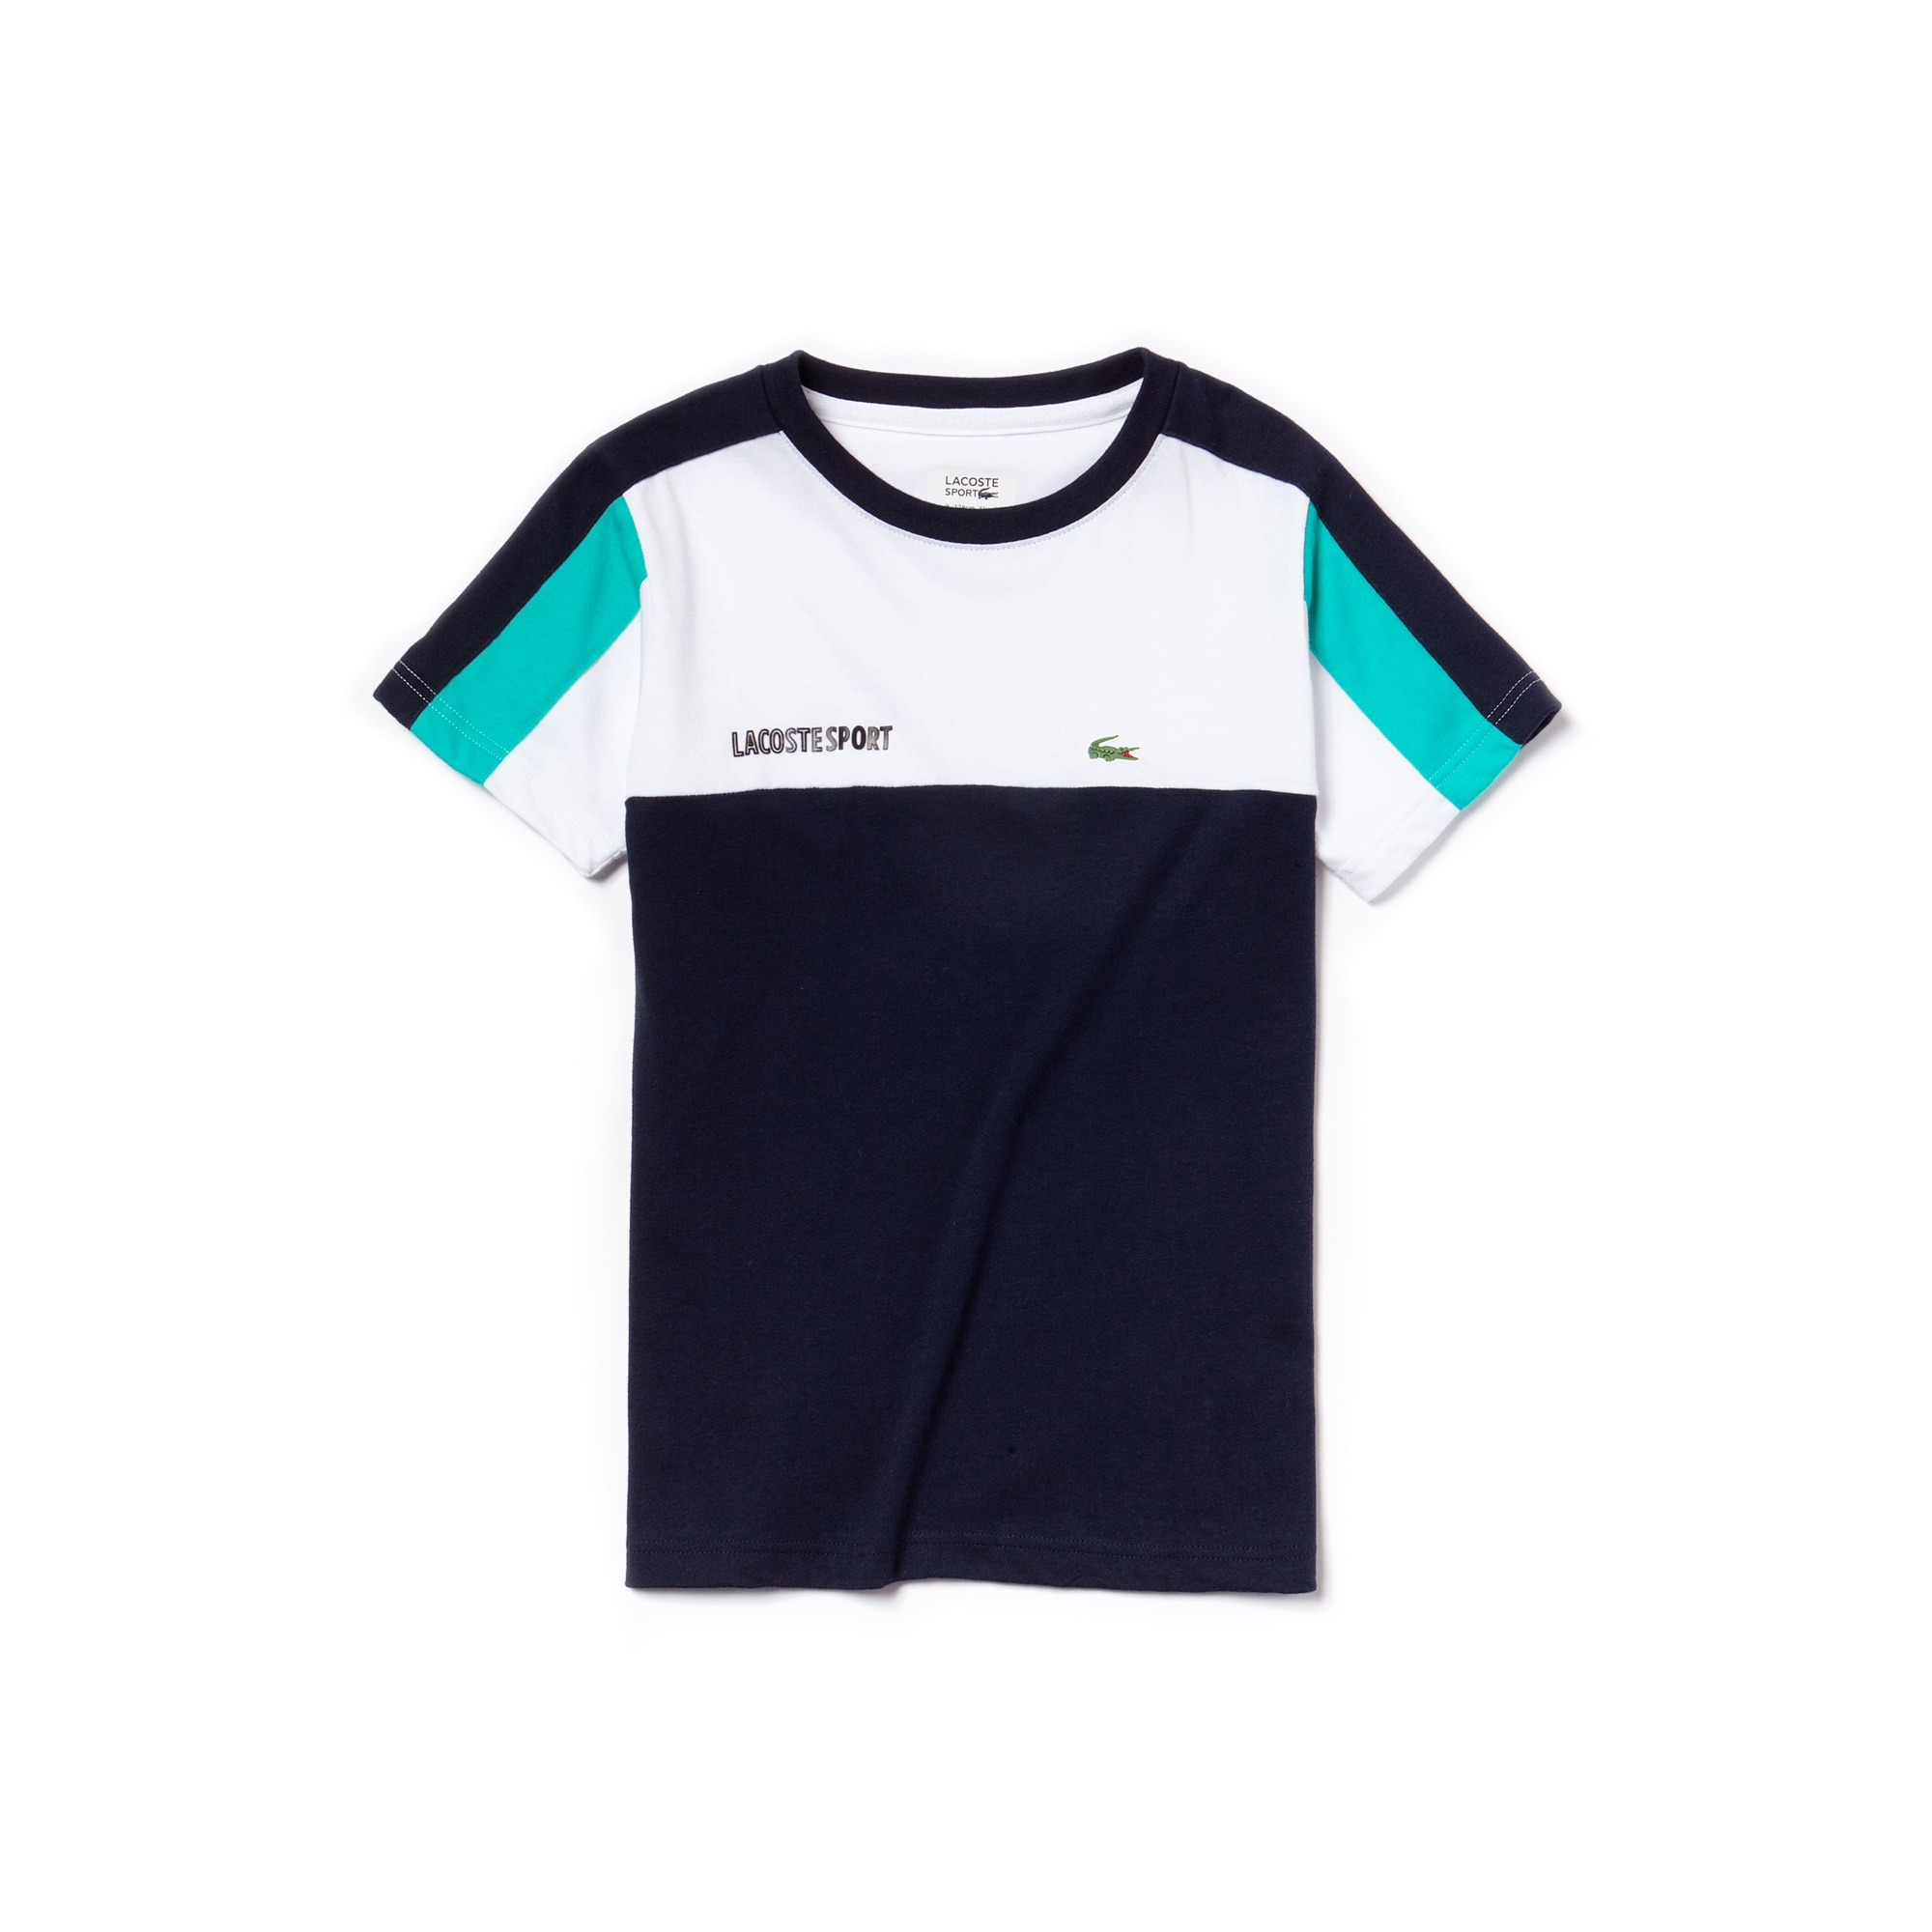 newest e64ea c2a5b T-Shirt für Mädchen und Jungen | Kindermode | LACOSTE